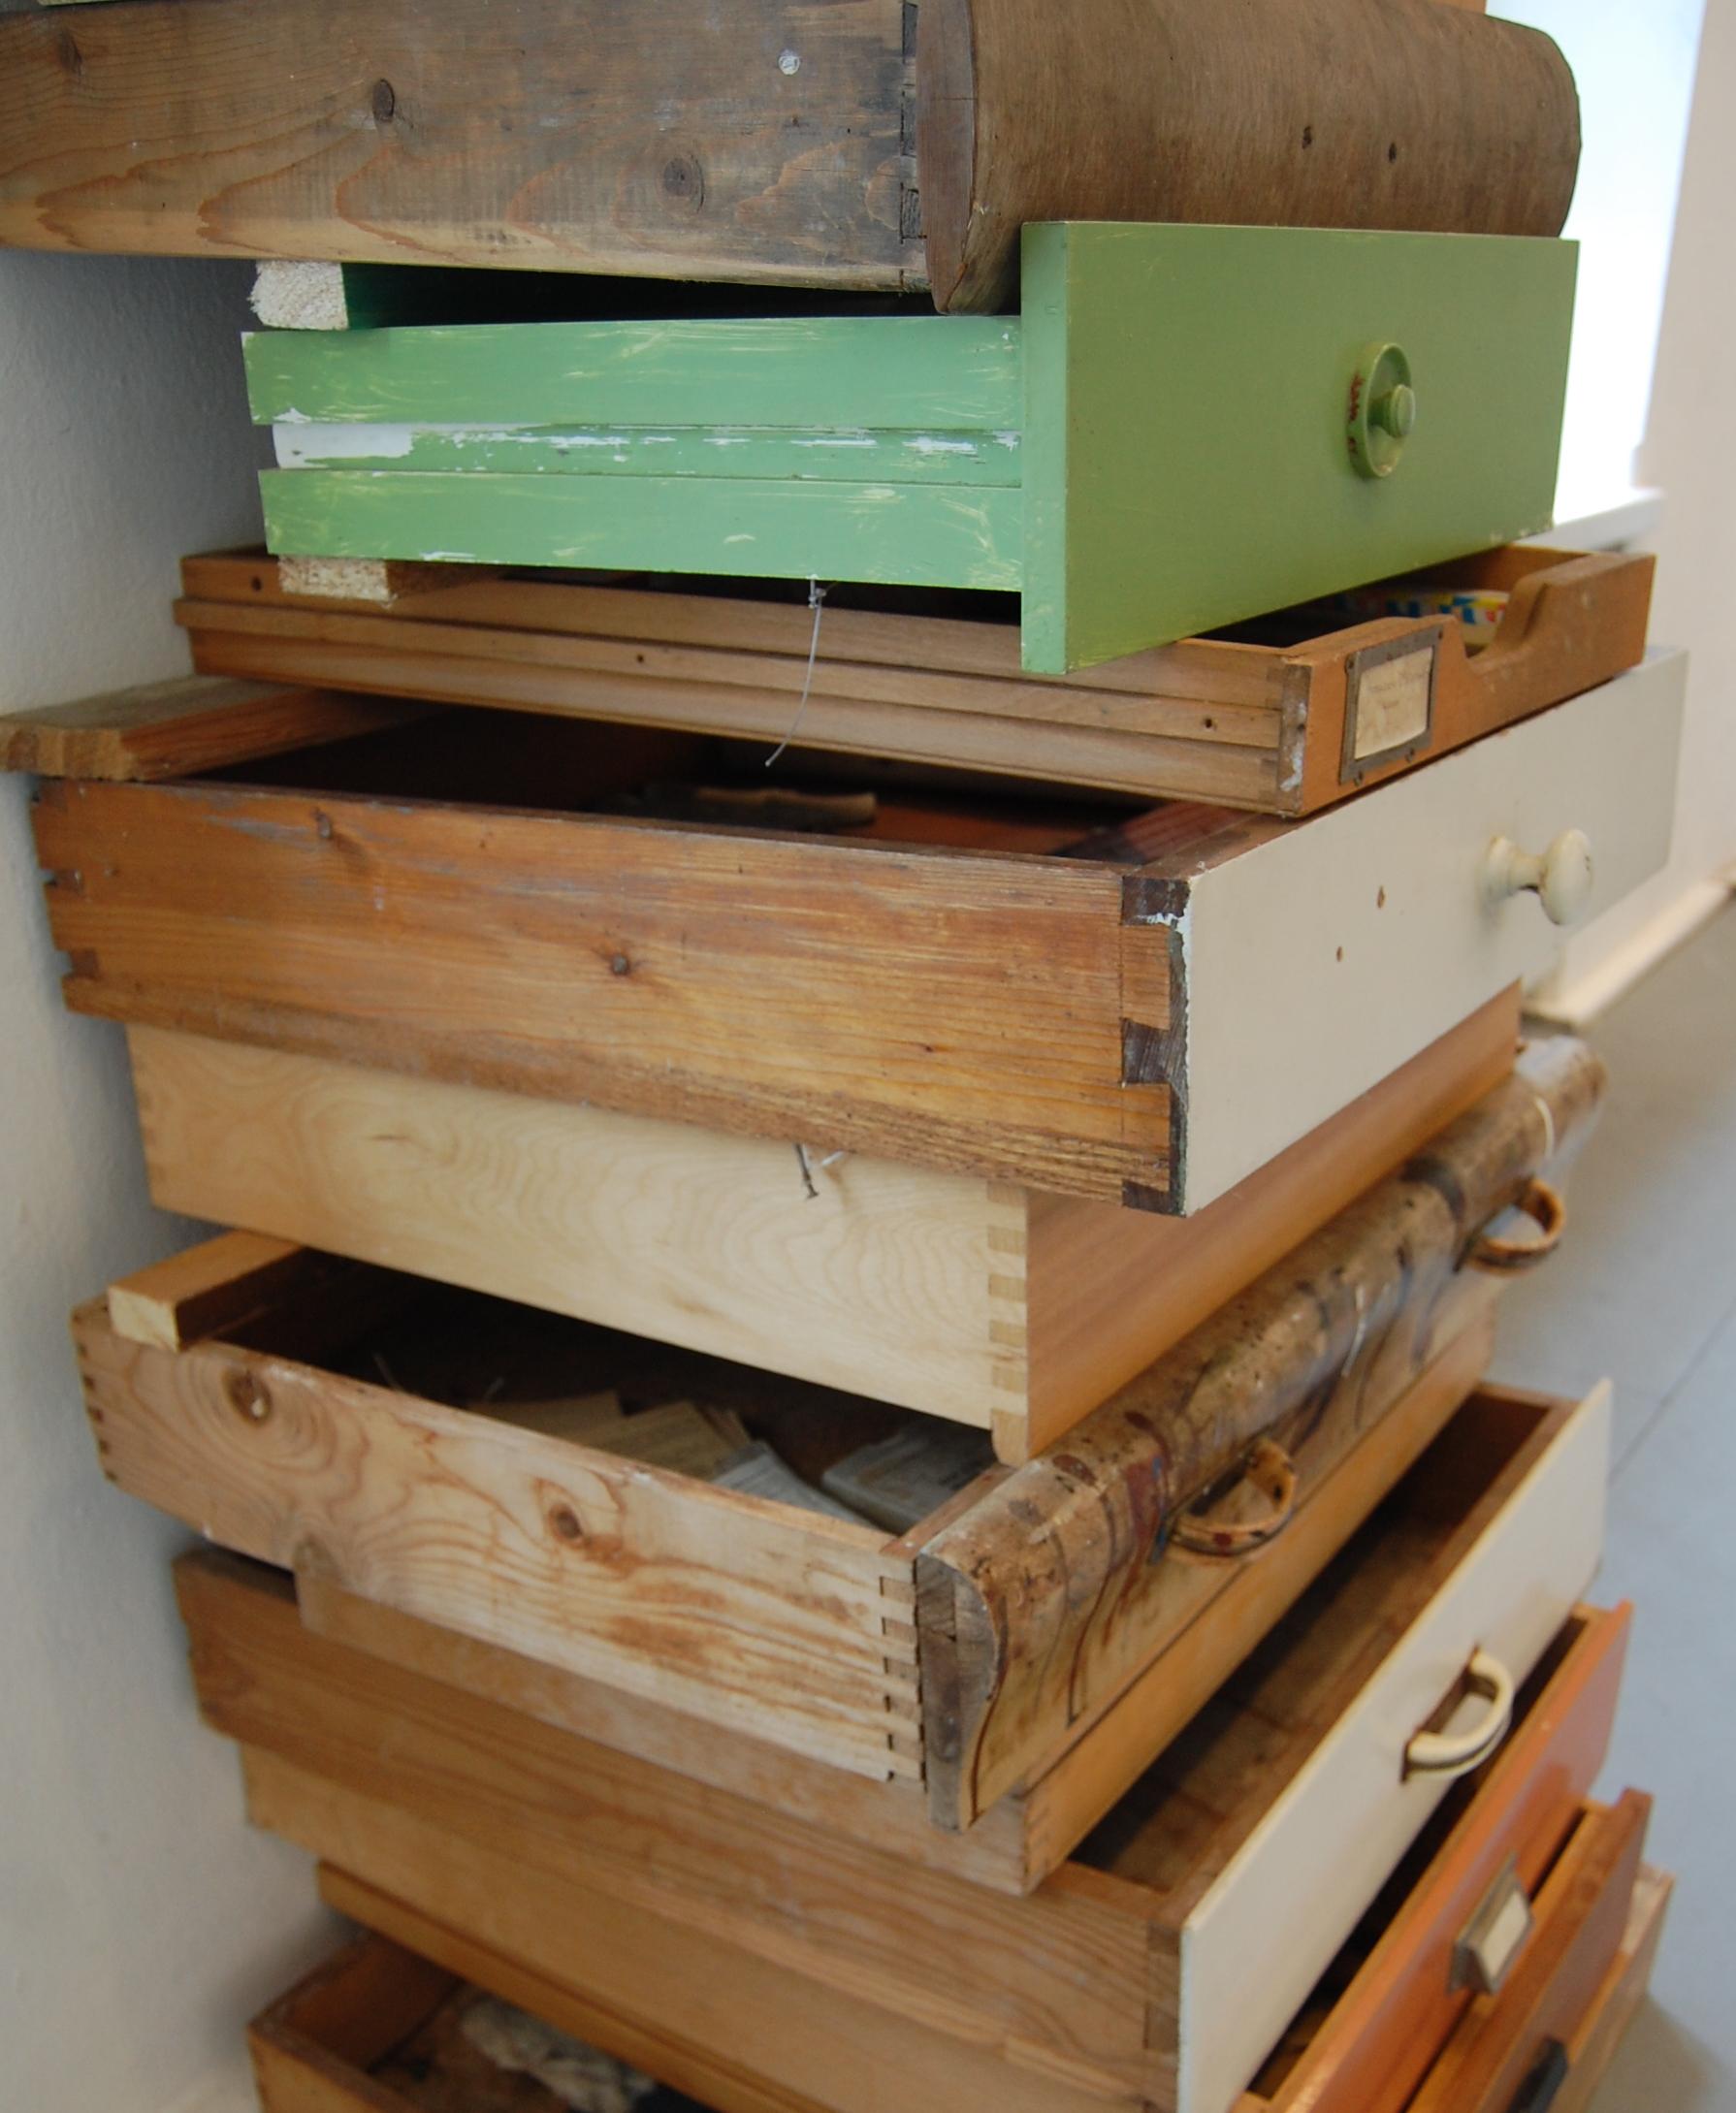 Schubladen voller Erinnerungen hat Margarete Schopen-Richter deckenhoch aufgetürmt - Foto: B. Wilms